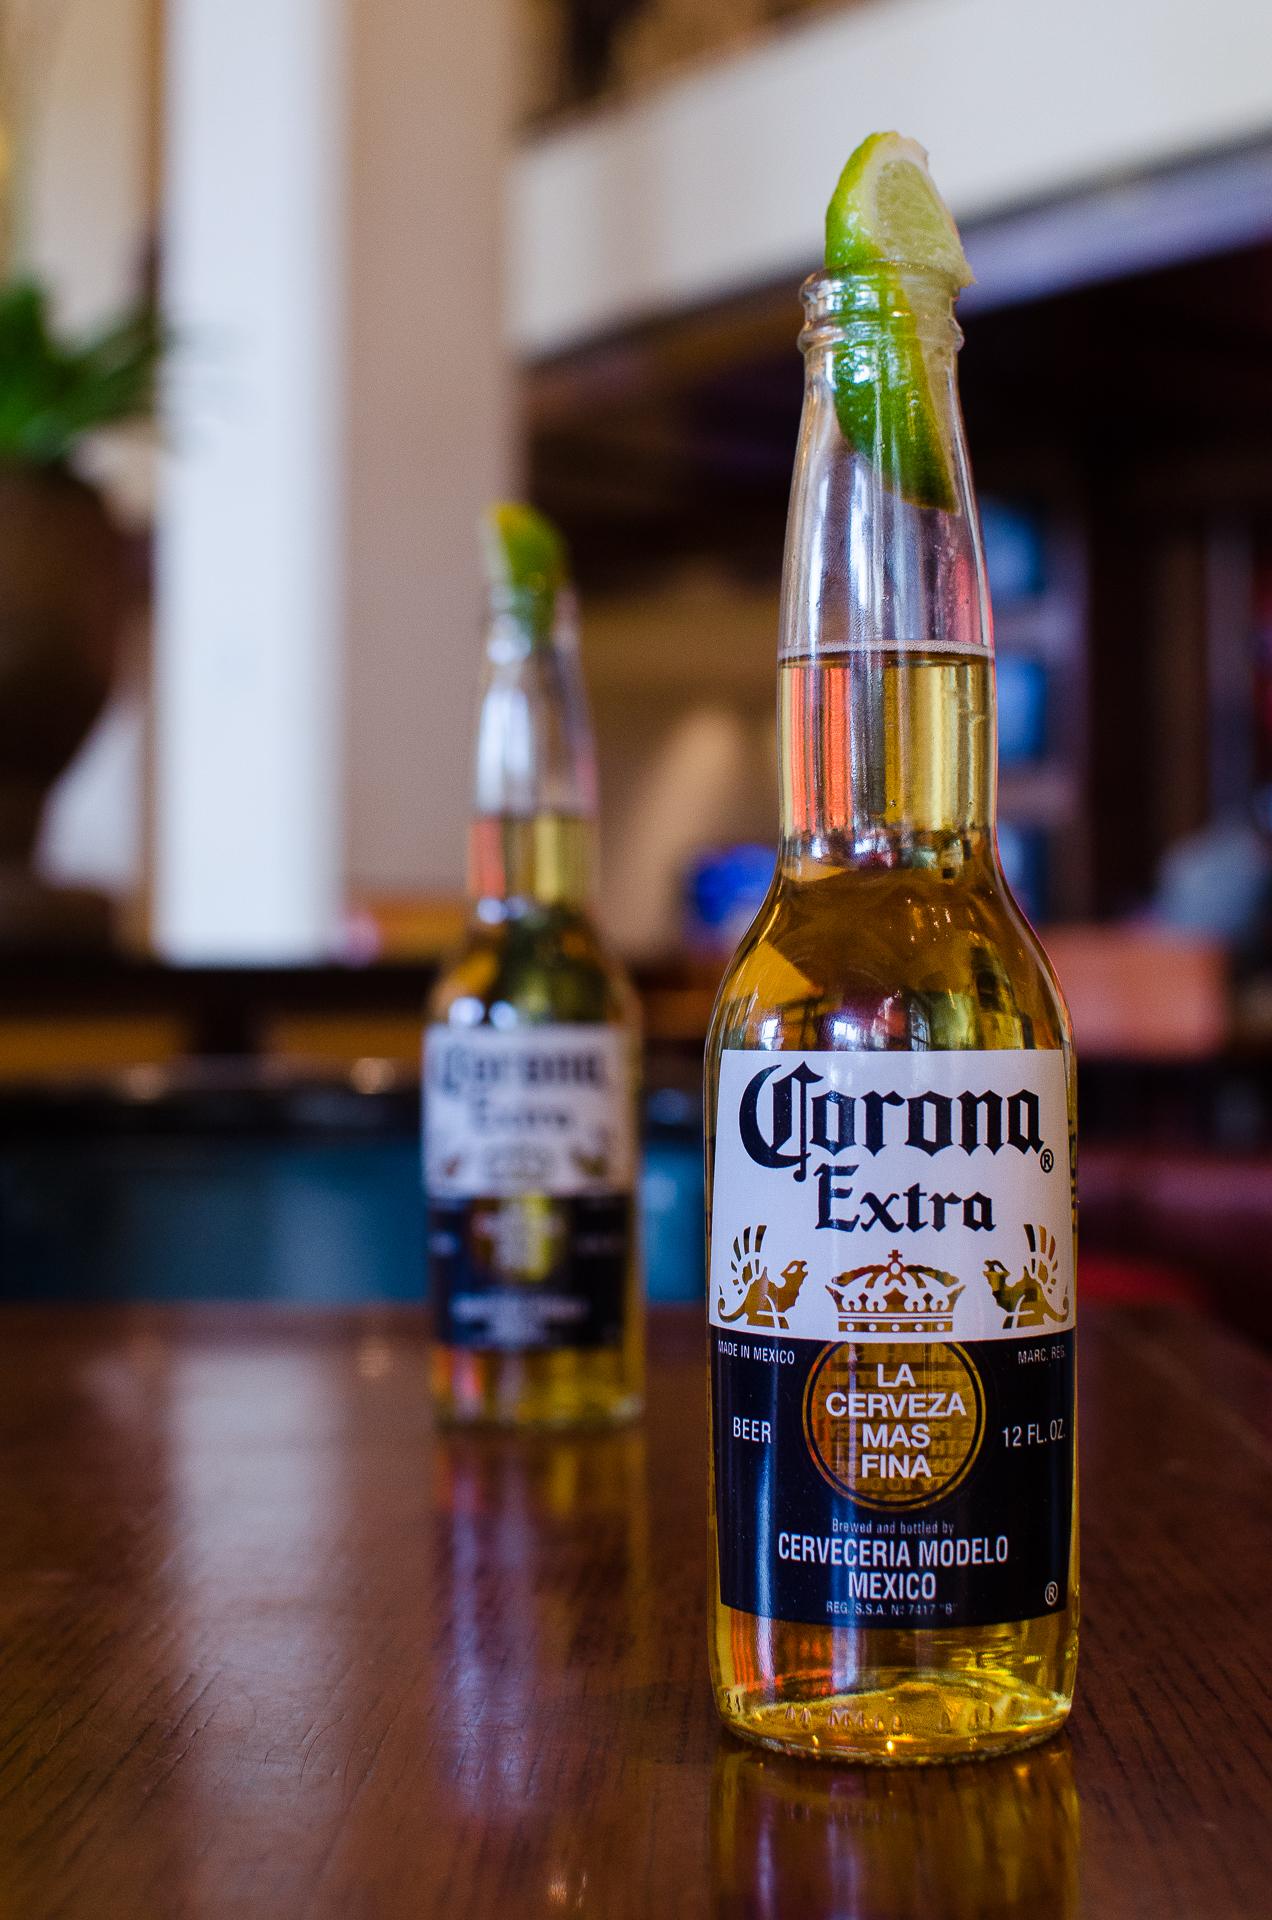 Last beer before home, bar at the JW Marriott Resort, San Antonio